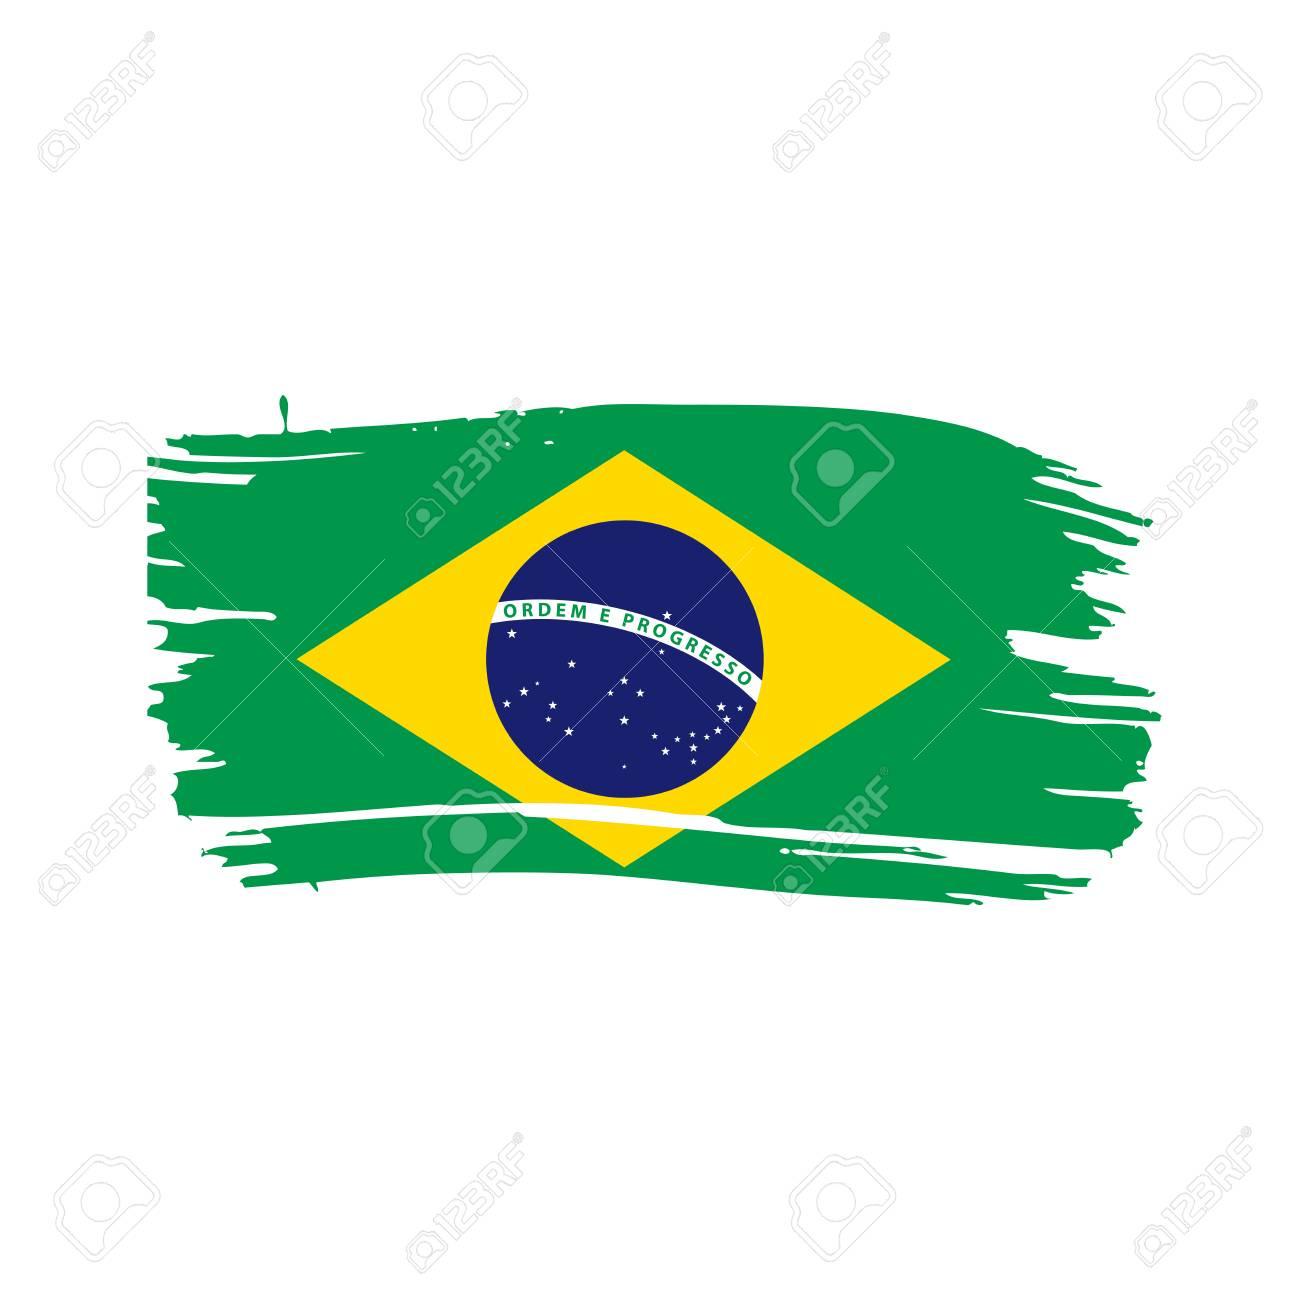 brazil flag vector illustration on a white background royalty free rh 123rf com brazil flag vector file brazil flag vector file free